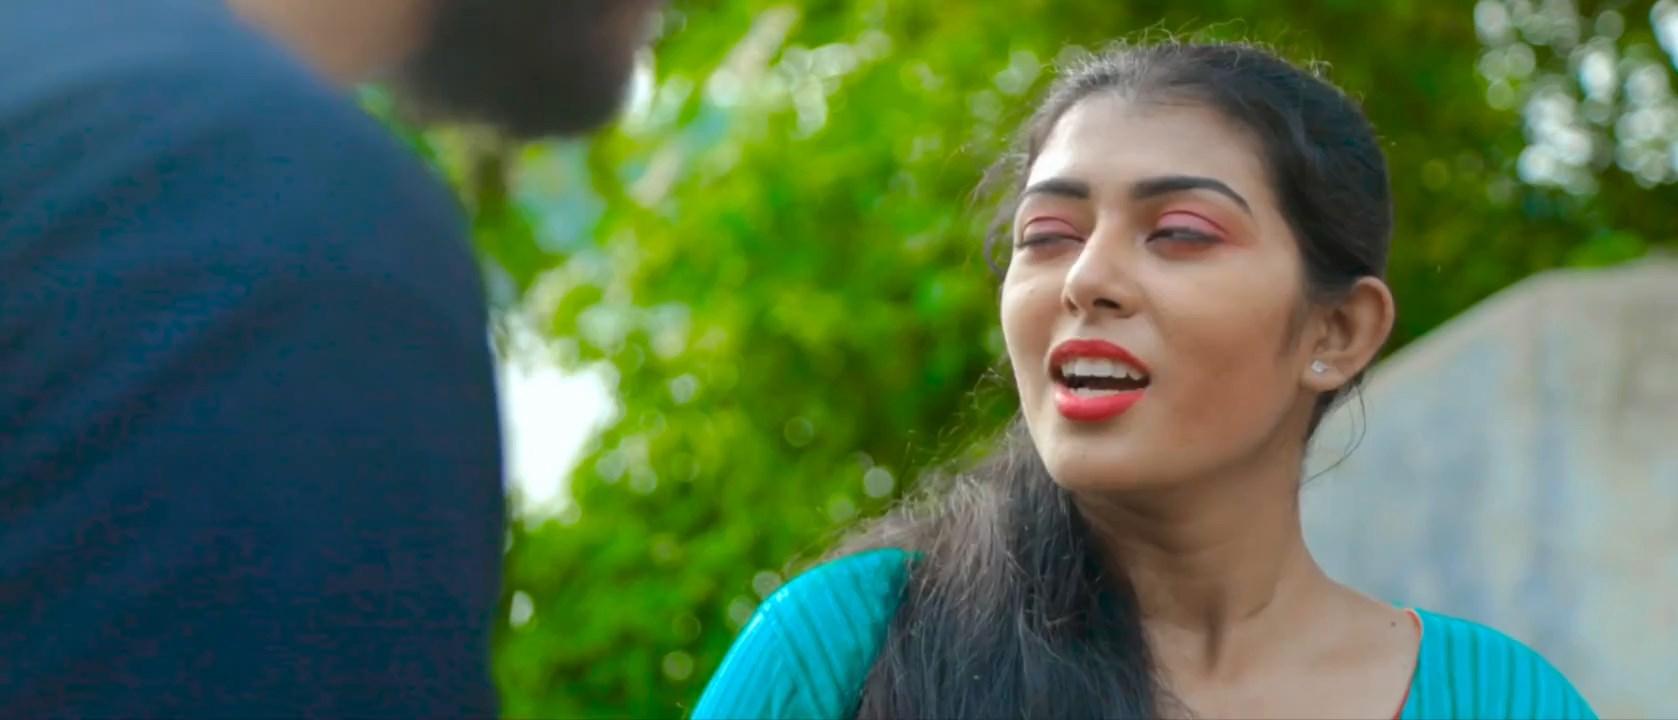 Jogakhichuri (2021) Bengali 720p HDRip.mkv snapshot 00.59.51.000